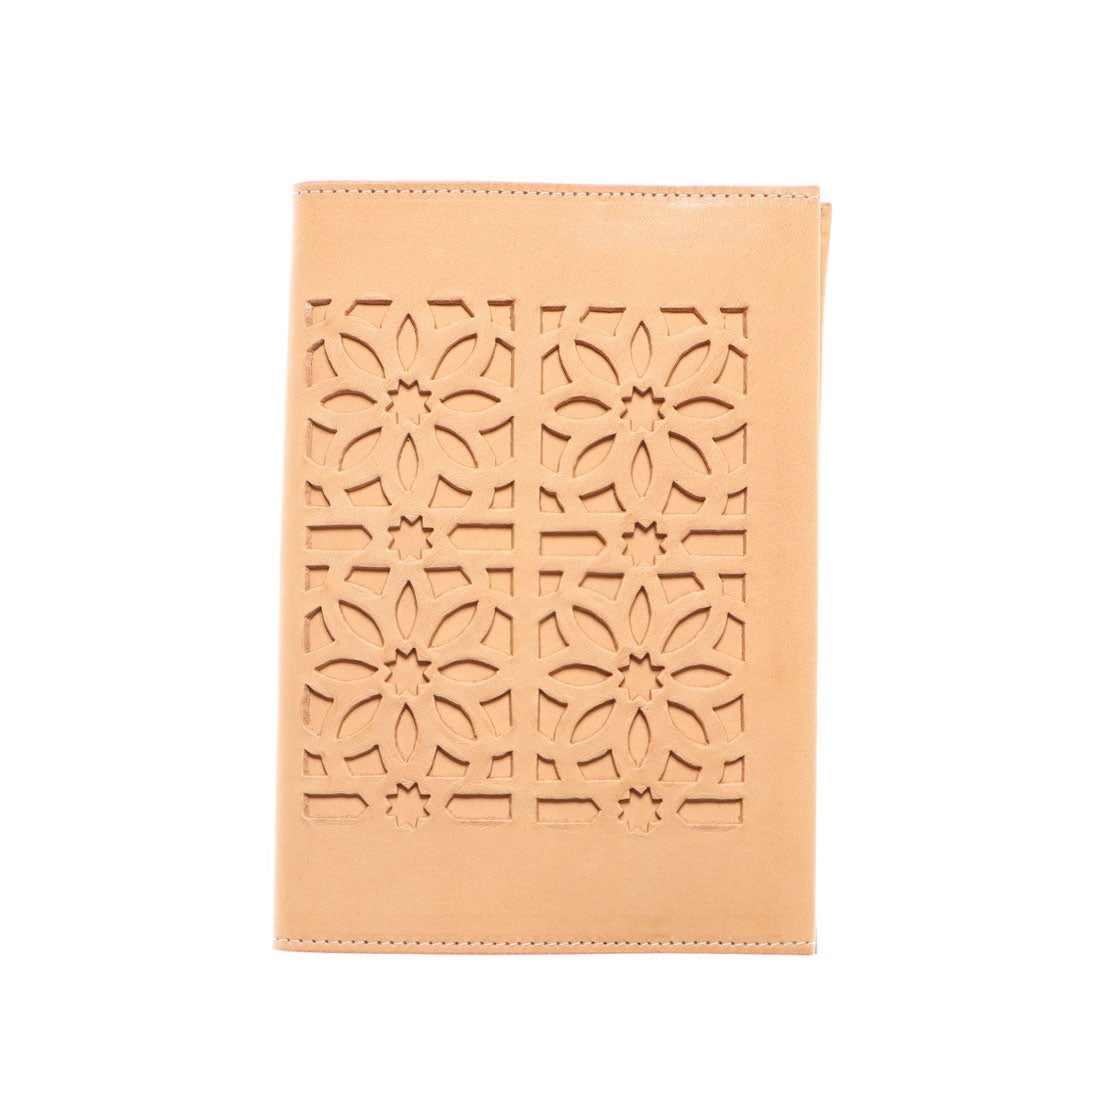 ロコンド 靴とファッションの通販サイトゲンテン genten カットワーク ブックカバー (ヌメベージュ)